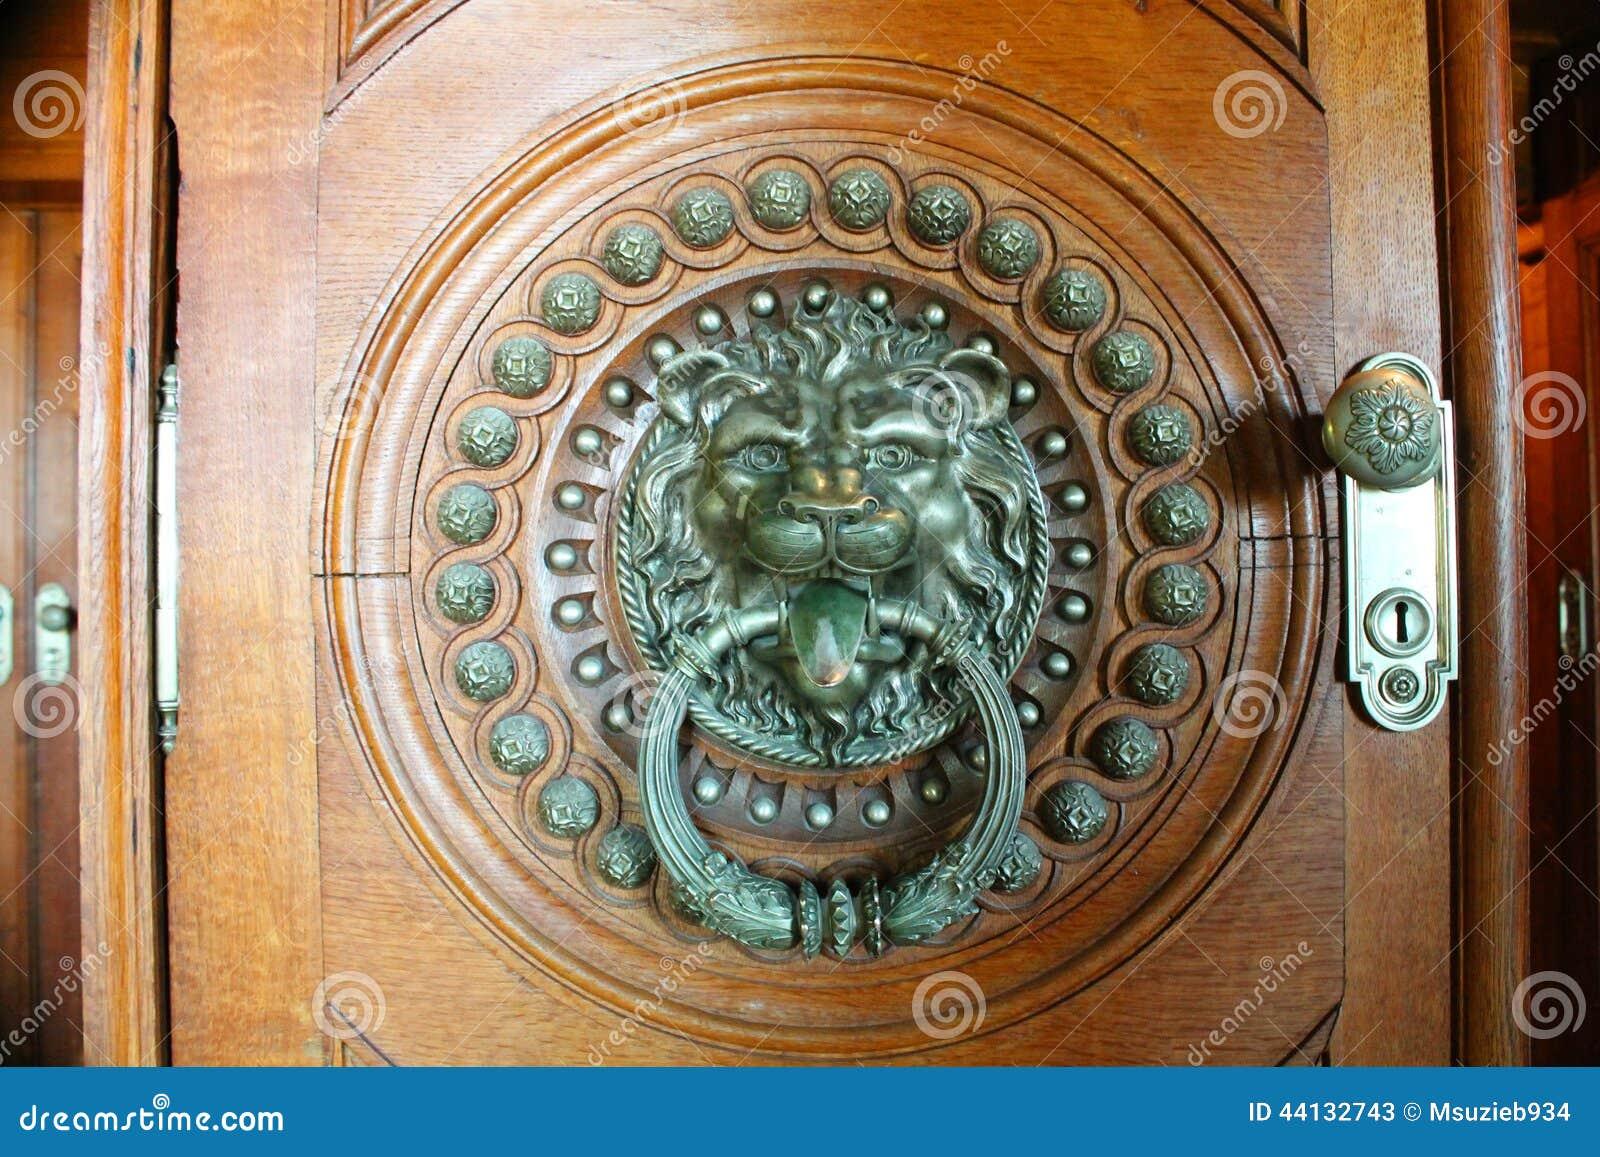 Brass lion head door knocker indoor editorial stock photo image 44132743 - Large lion head door knocker ...